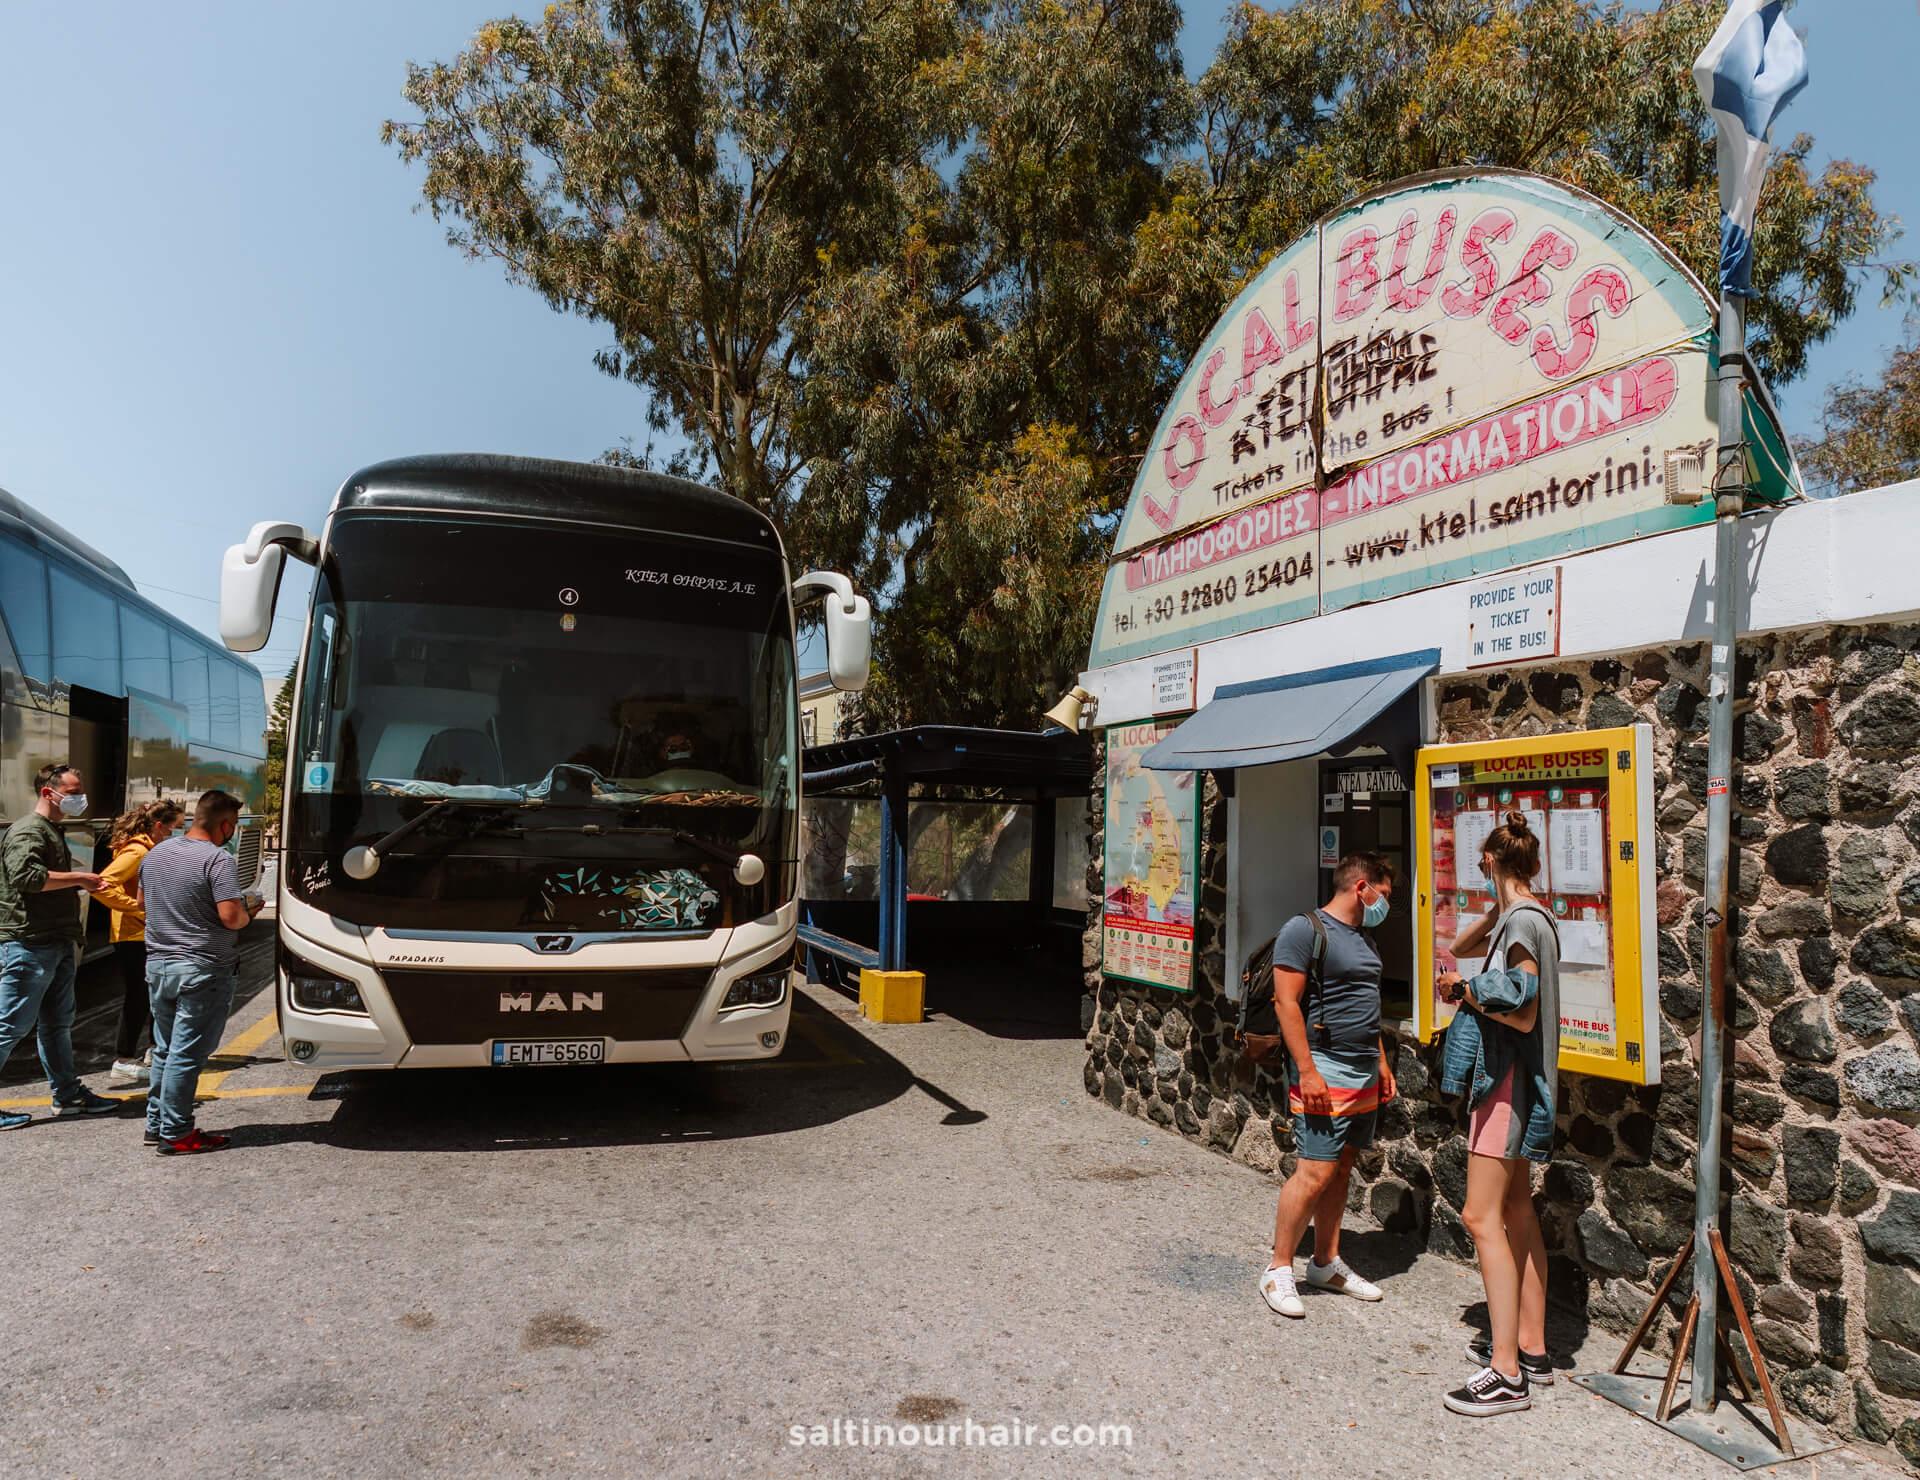 santorini public transport